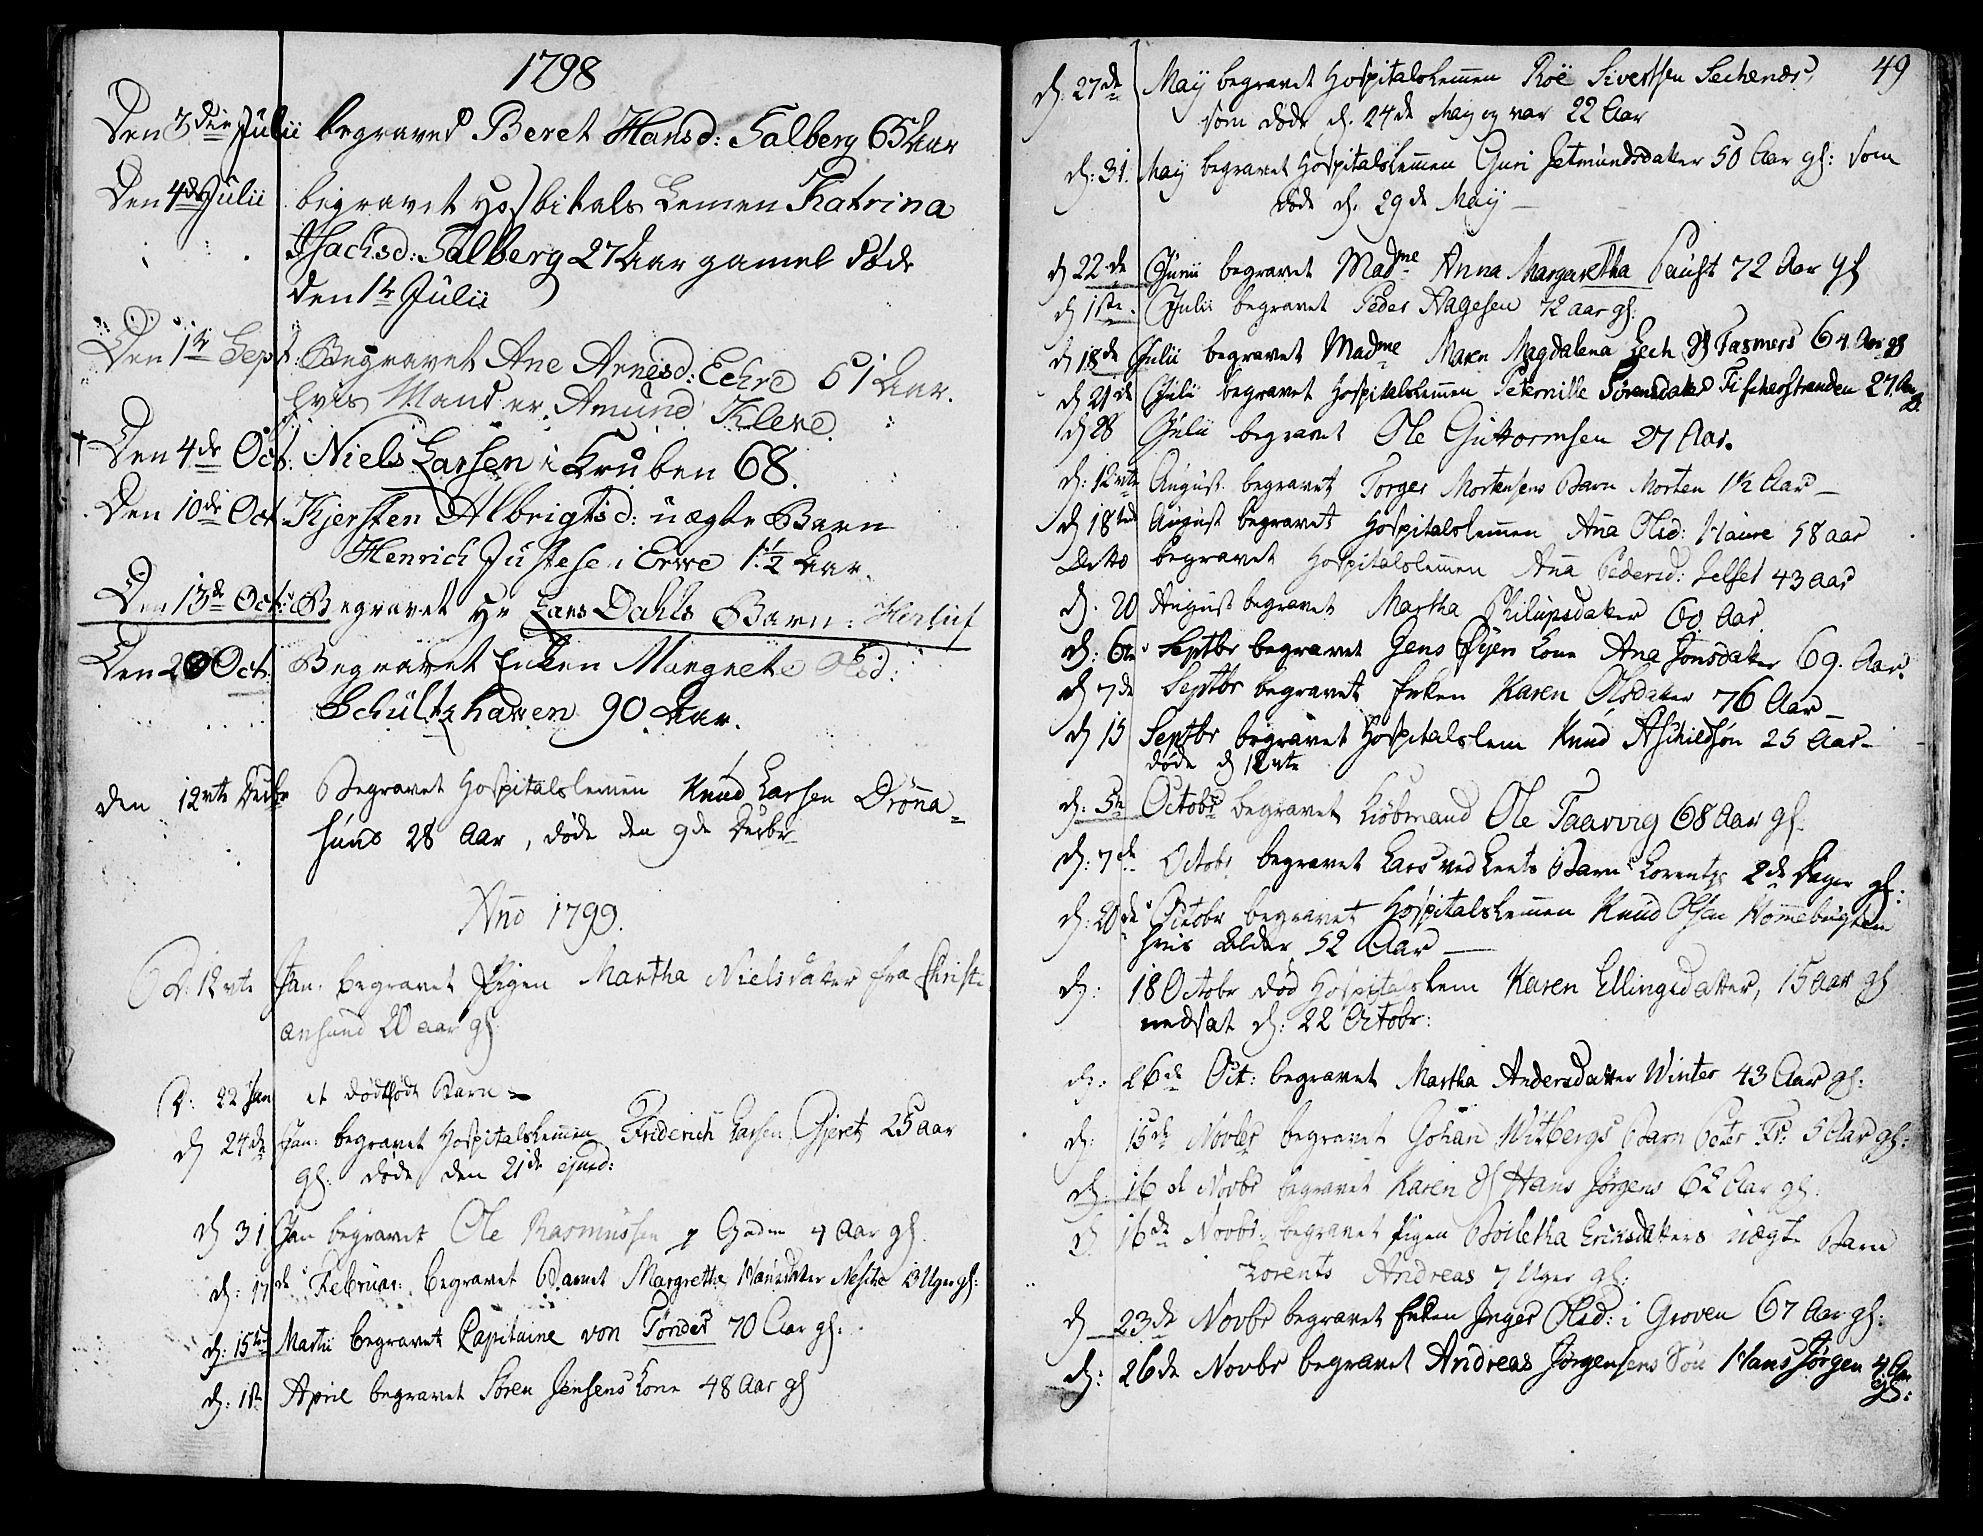 SAT, Ministerialprotokoller, klokkerbøker og fødselsregistre - Møre og Romsdal, 558/L0687: Ministerialbok nr. 558A01, 1798-1818, s. 49